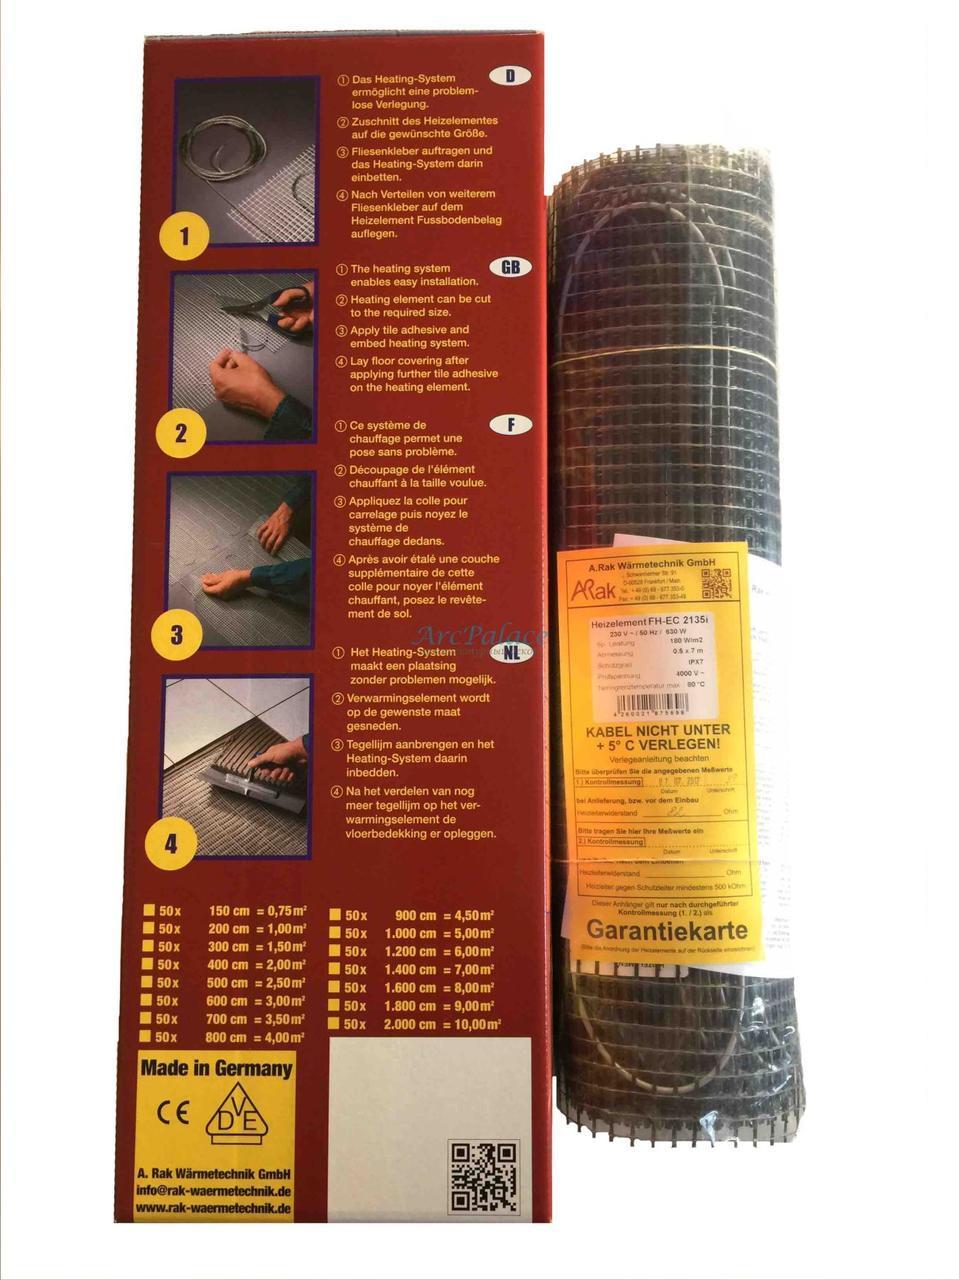 Нагревательный мат Arnold Rak FH-EC 21110 (Германия) 11 м.кв. Теплый пол